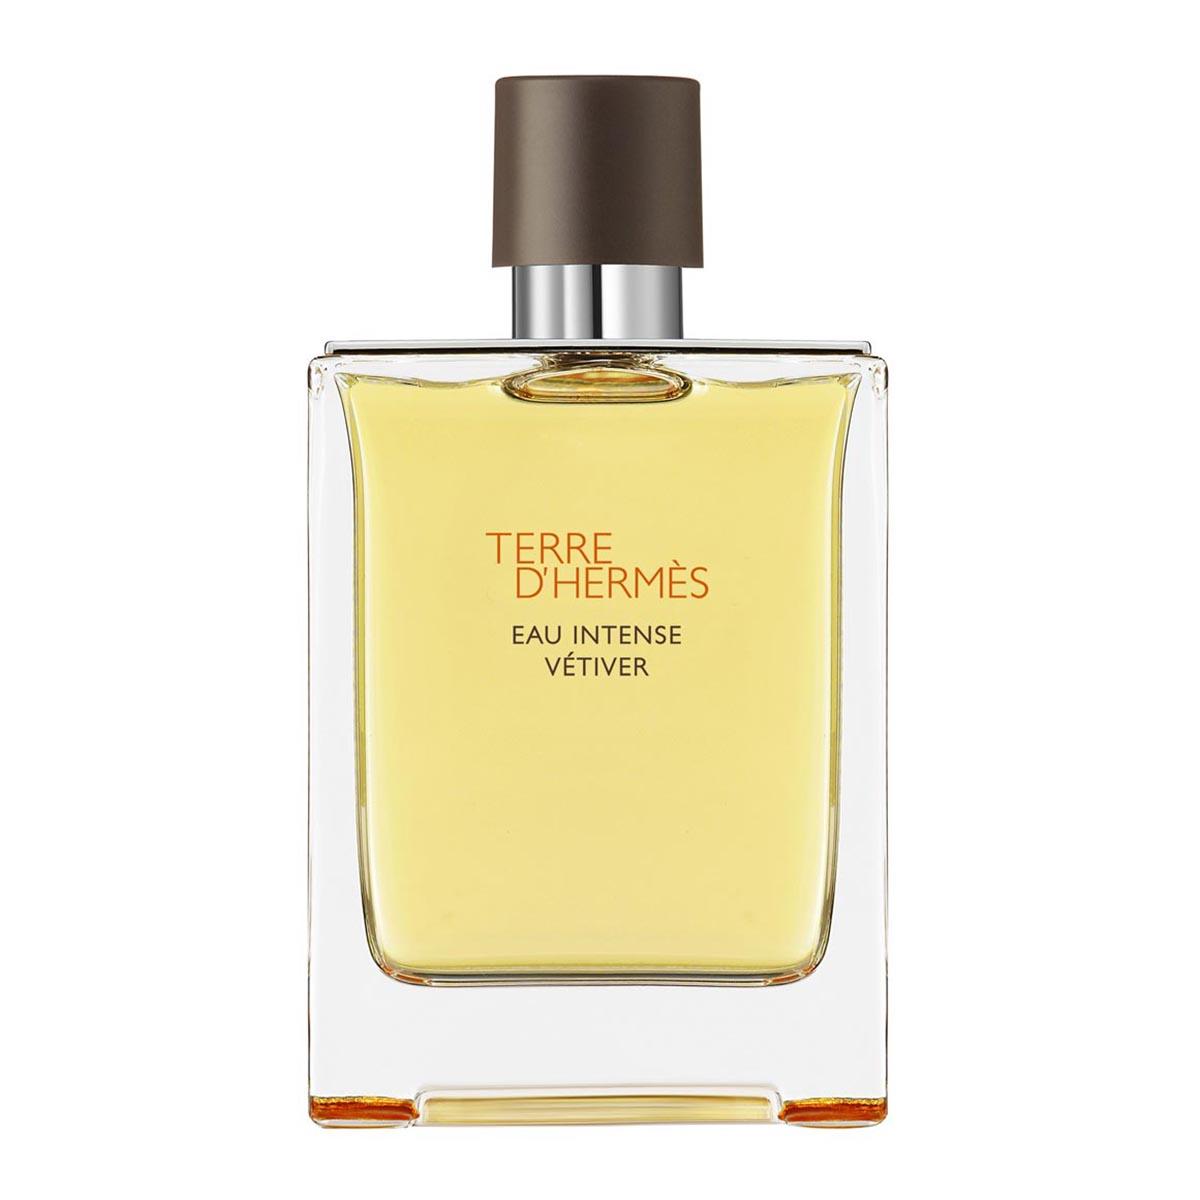 Hermes terre d hermes eau intense vetiver eau de parfum 200ml